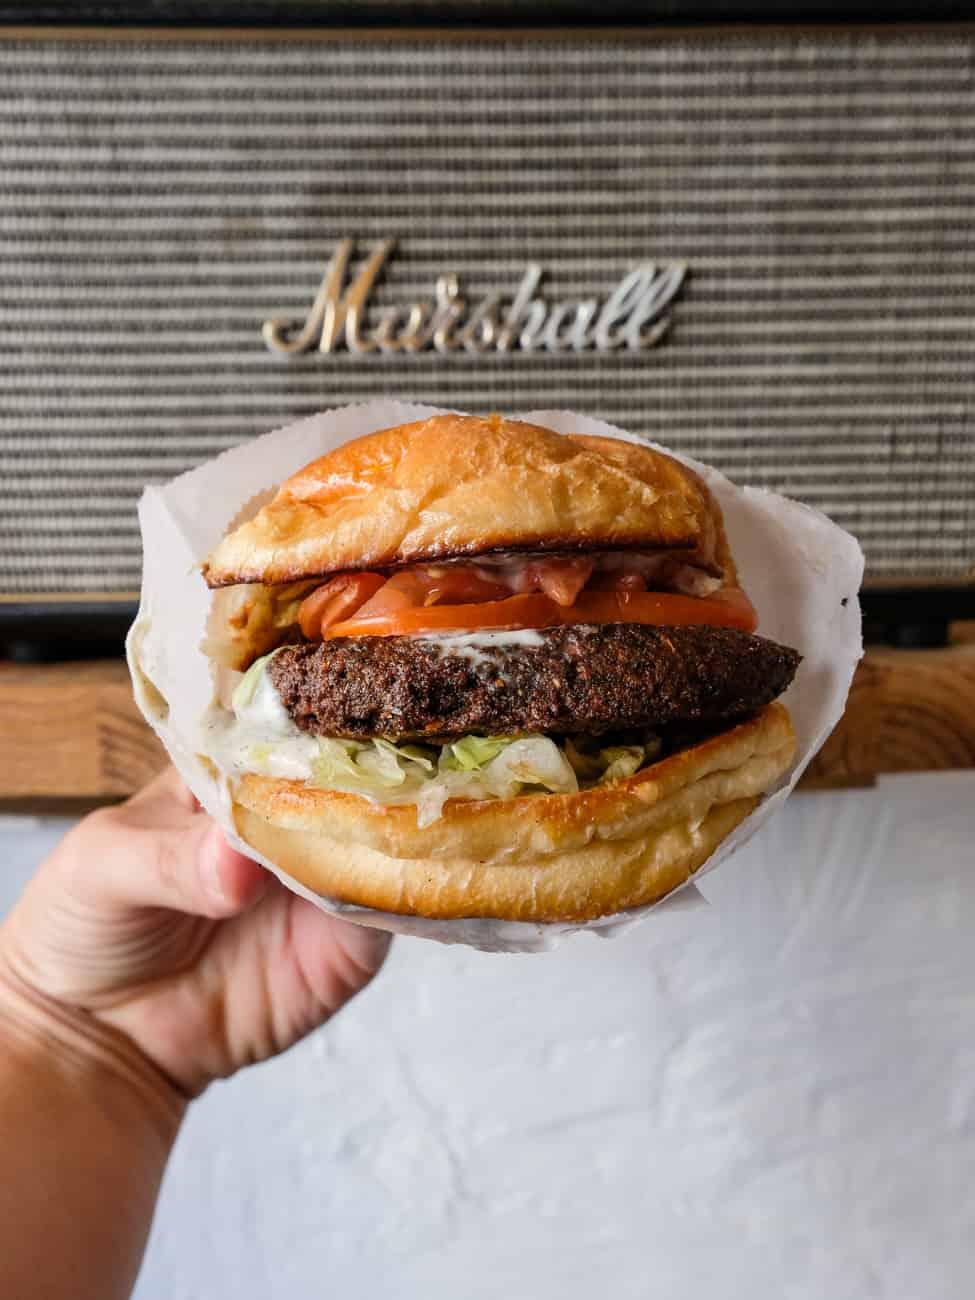 buns-paris-paris-5-burger-restaurant-6